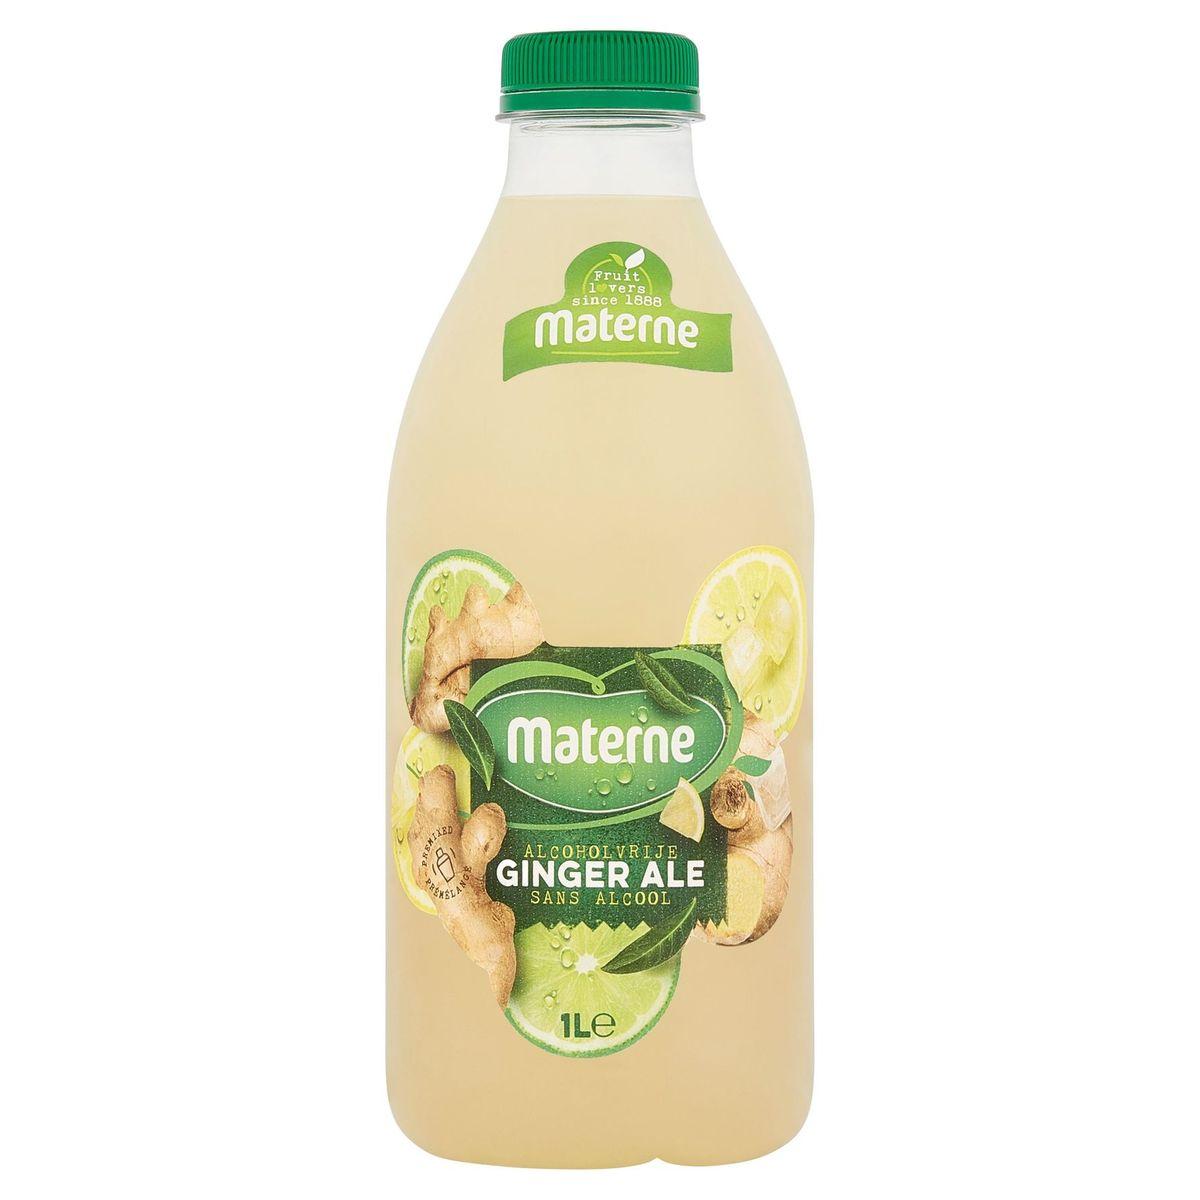 Materne Ginger Ale Sans Alcool 1 L